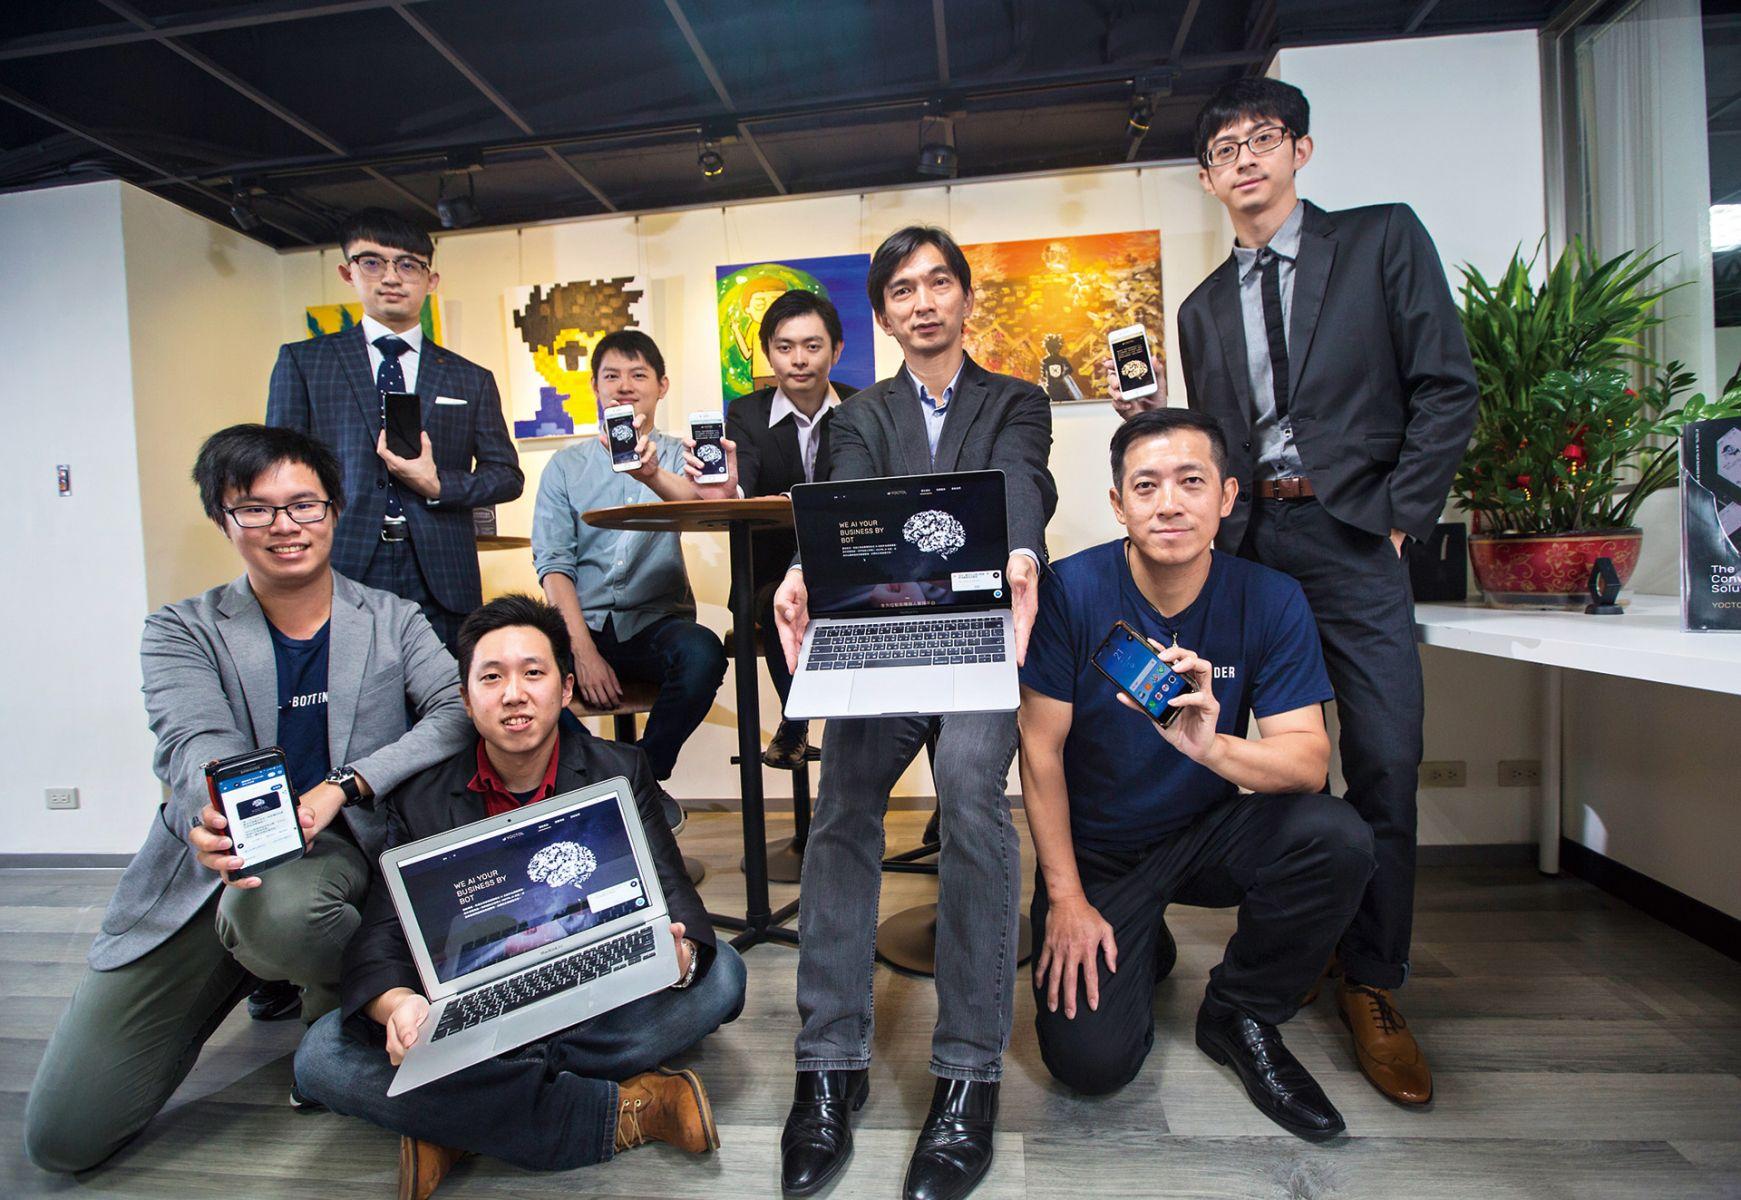 台灣國語也通  本土聊天機器人挑戰谷歌